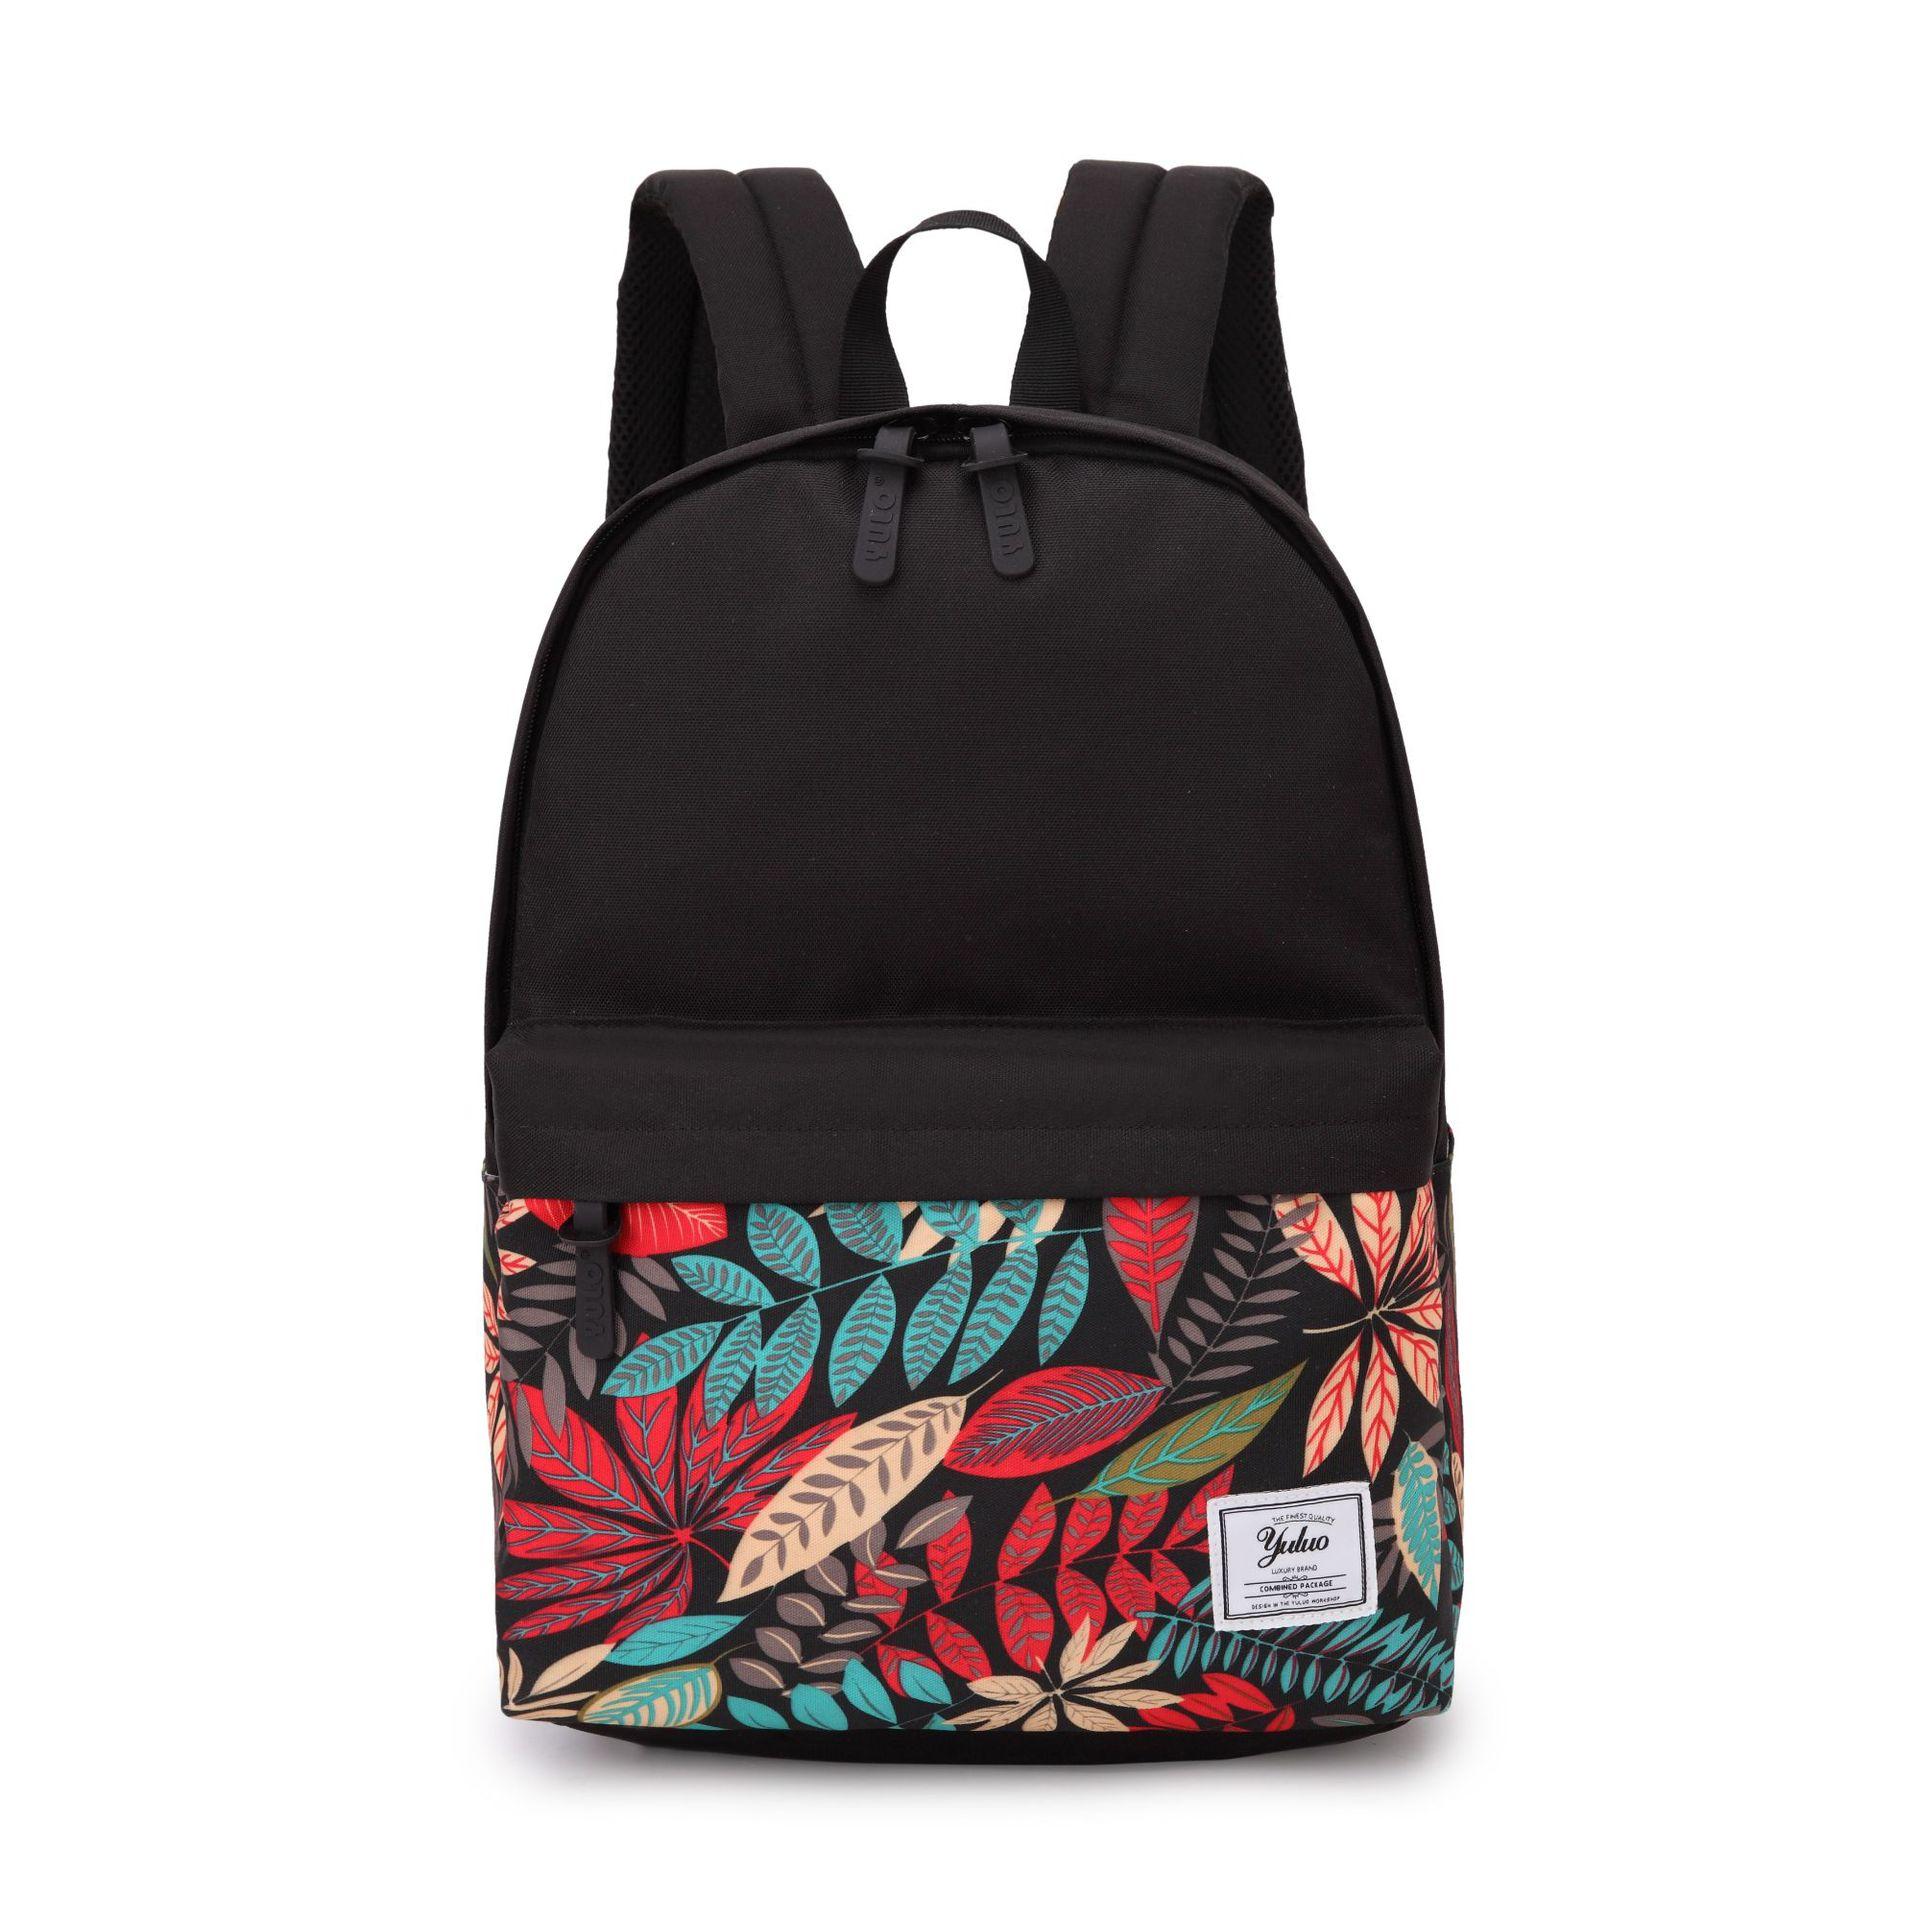 TTOU Women Fashion Printed Backpack Canvas School Backpack For Girls Knapsack Bookbag Trip Laptop Back Bag